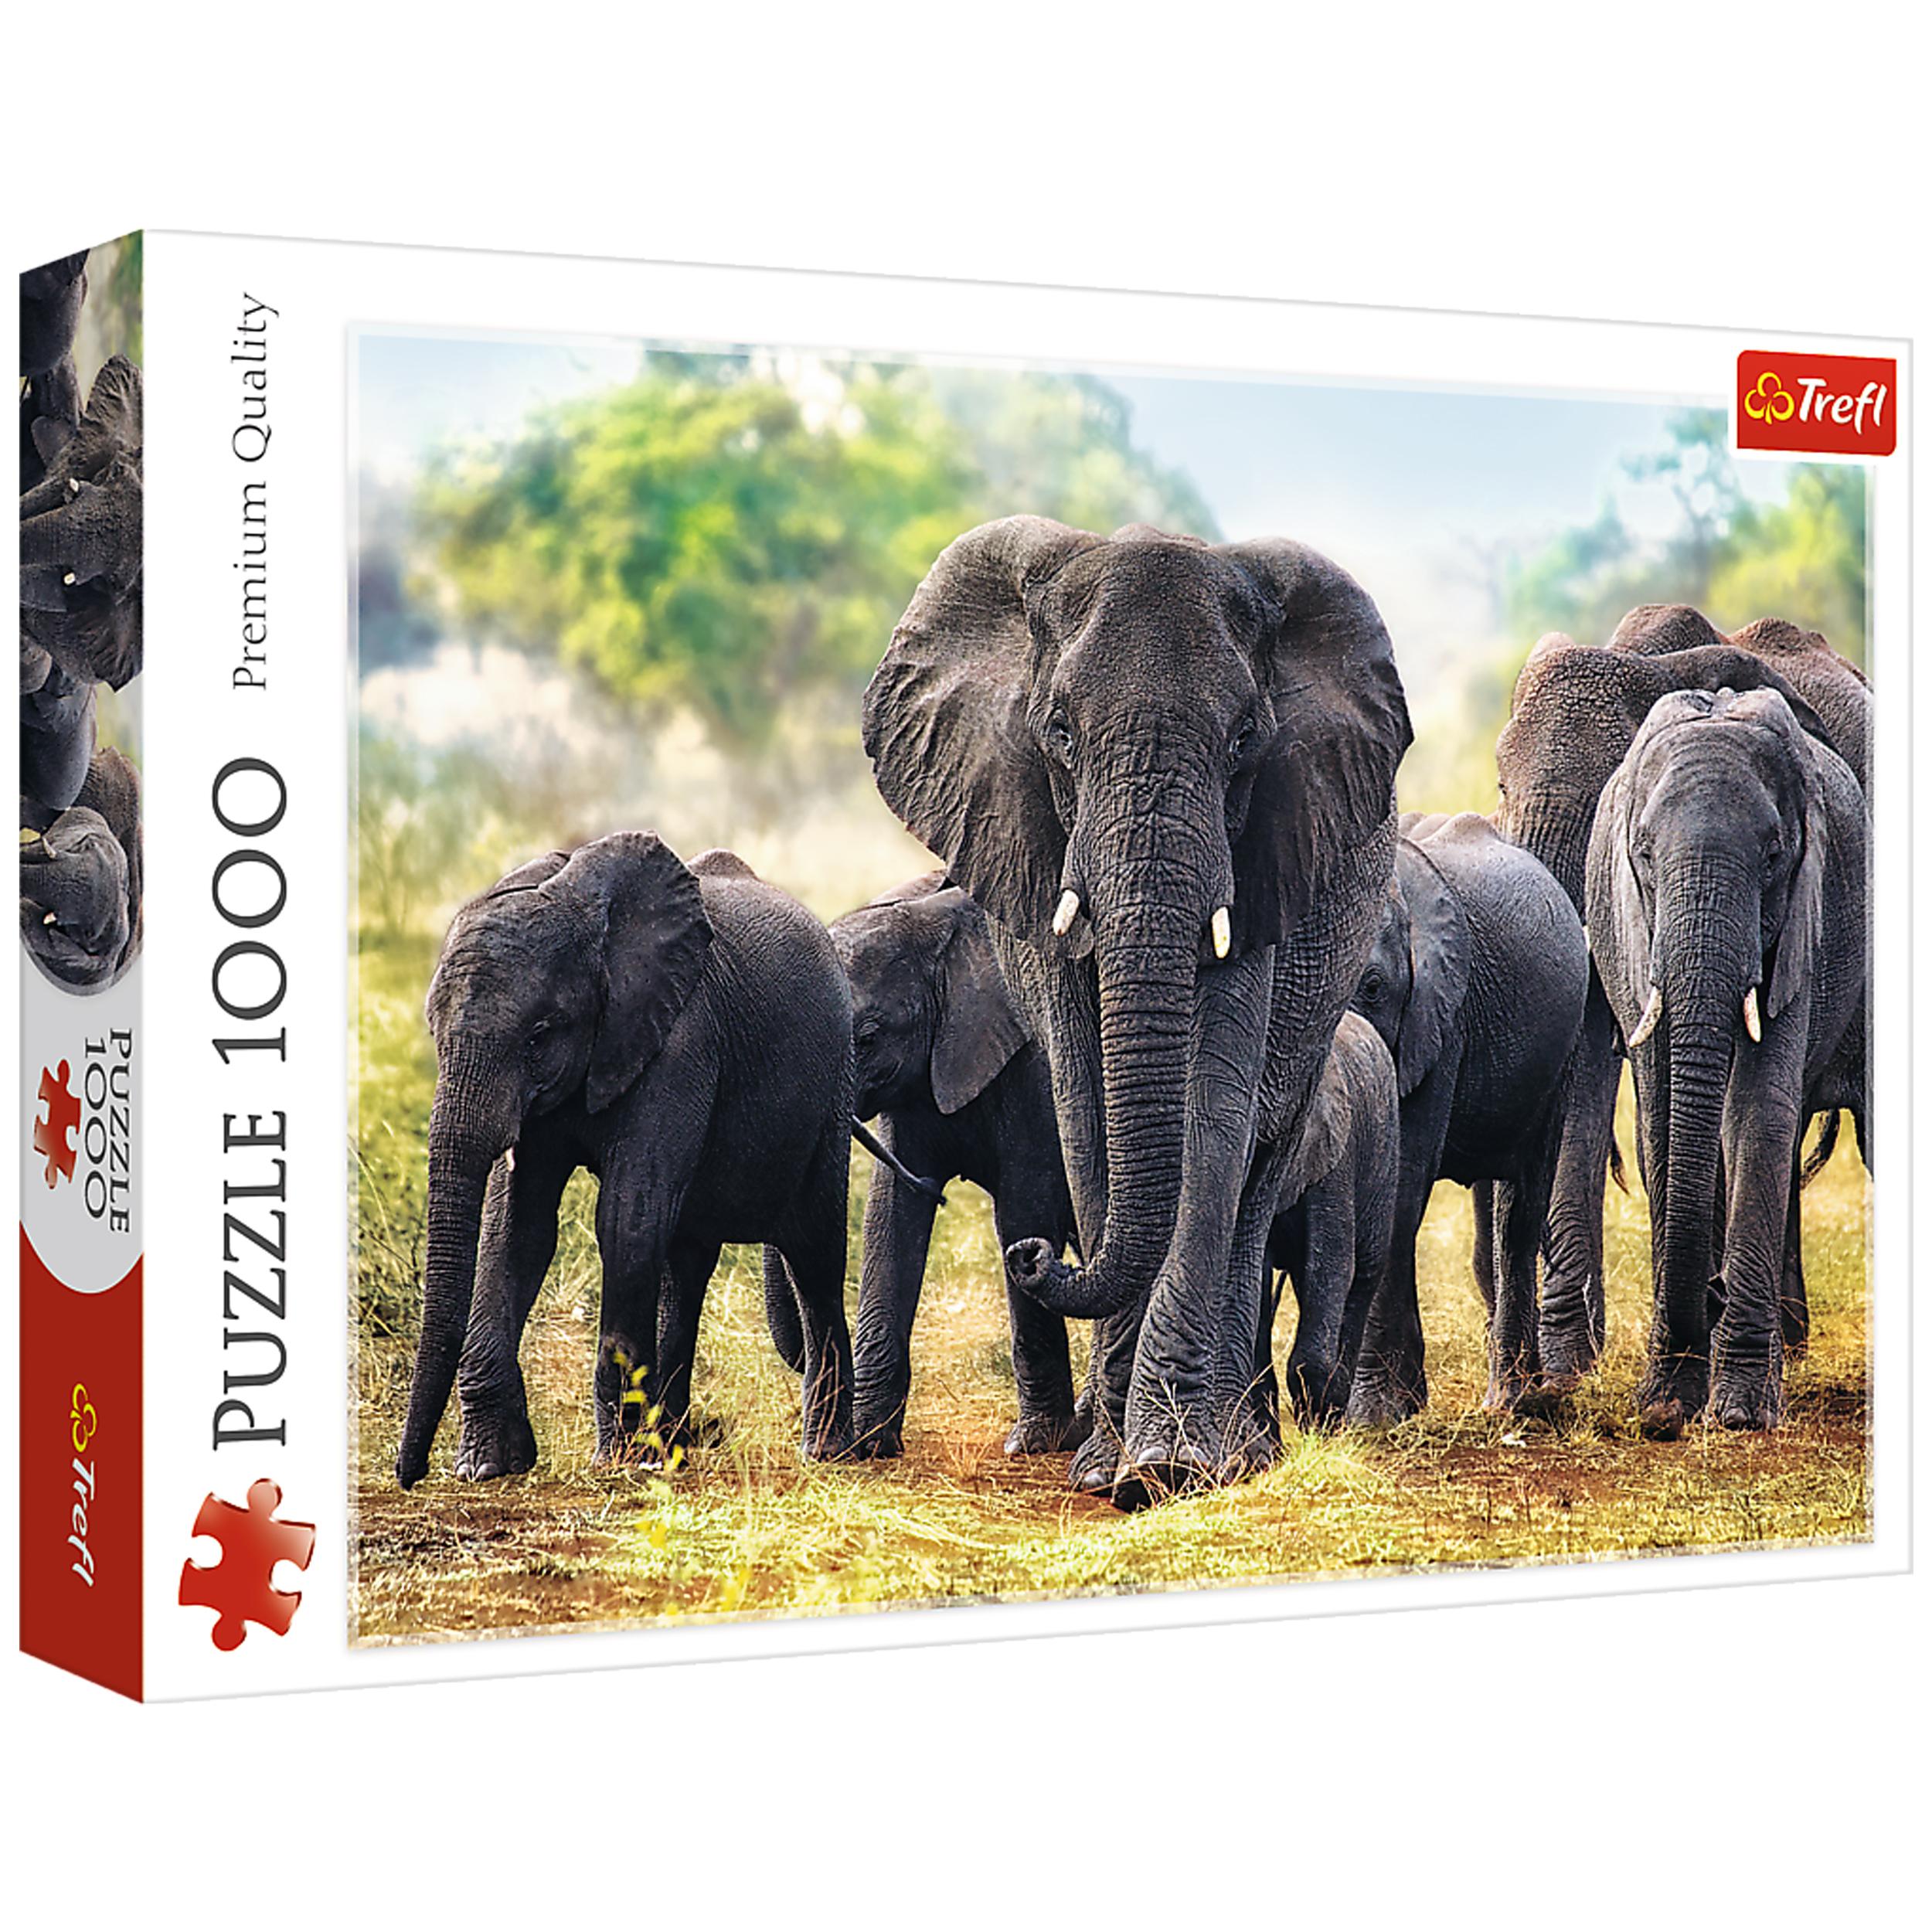 پازل 1000 تکه تریفل طرح فیل افریقایی